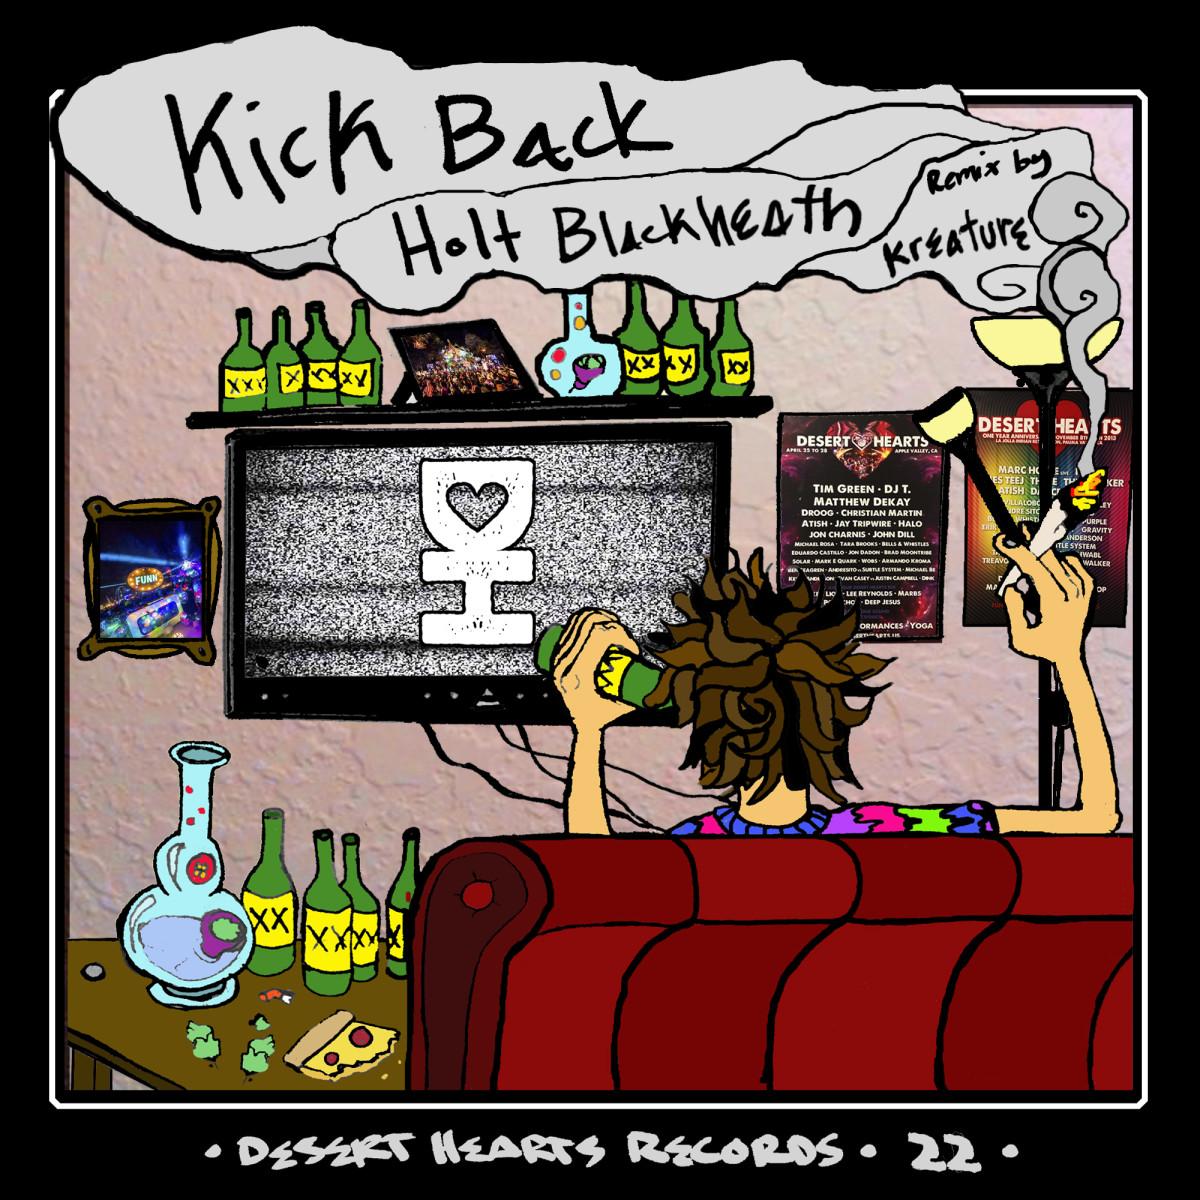 HB Kick Back EP [SQUARE.2]  (1)